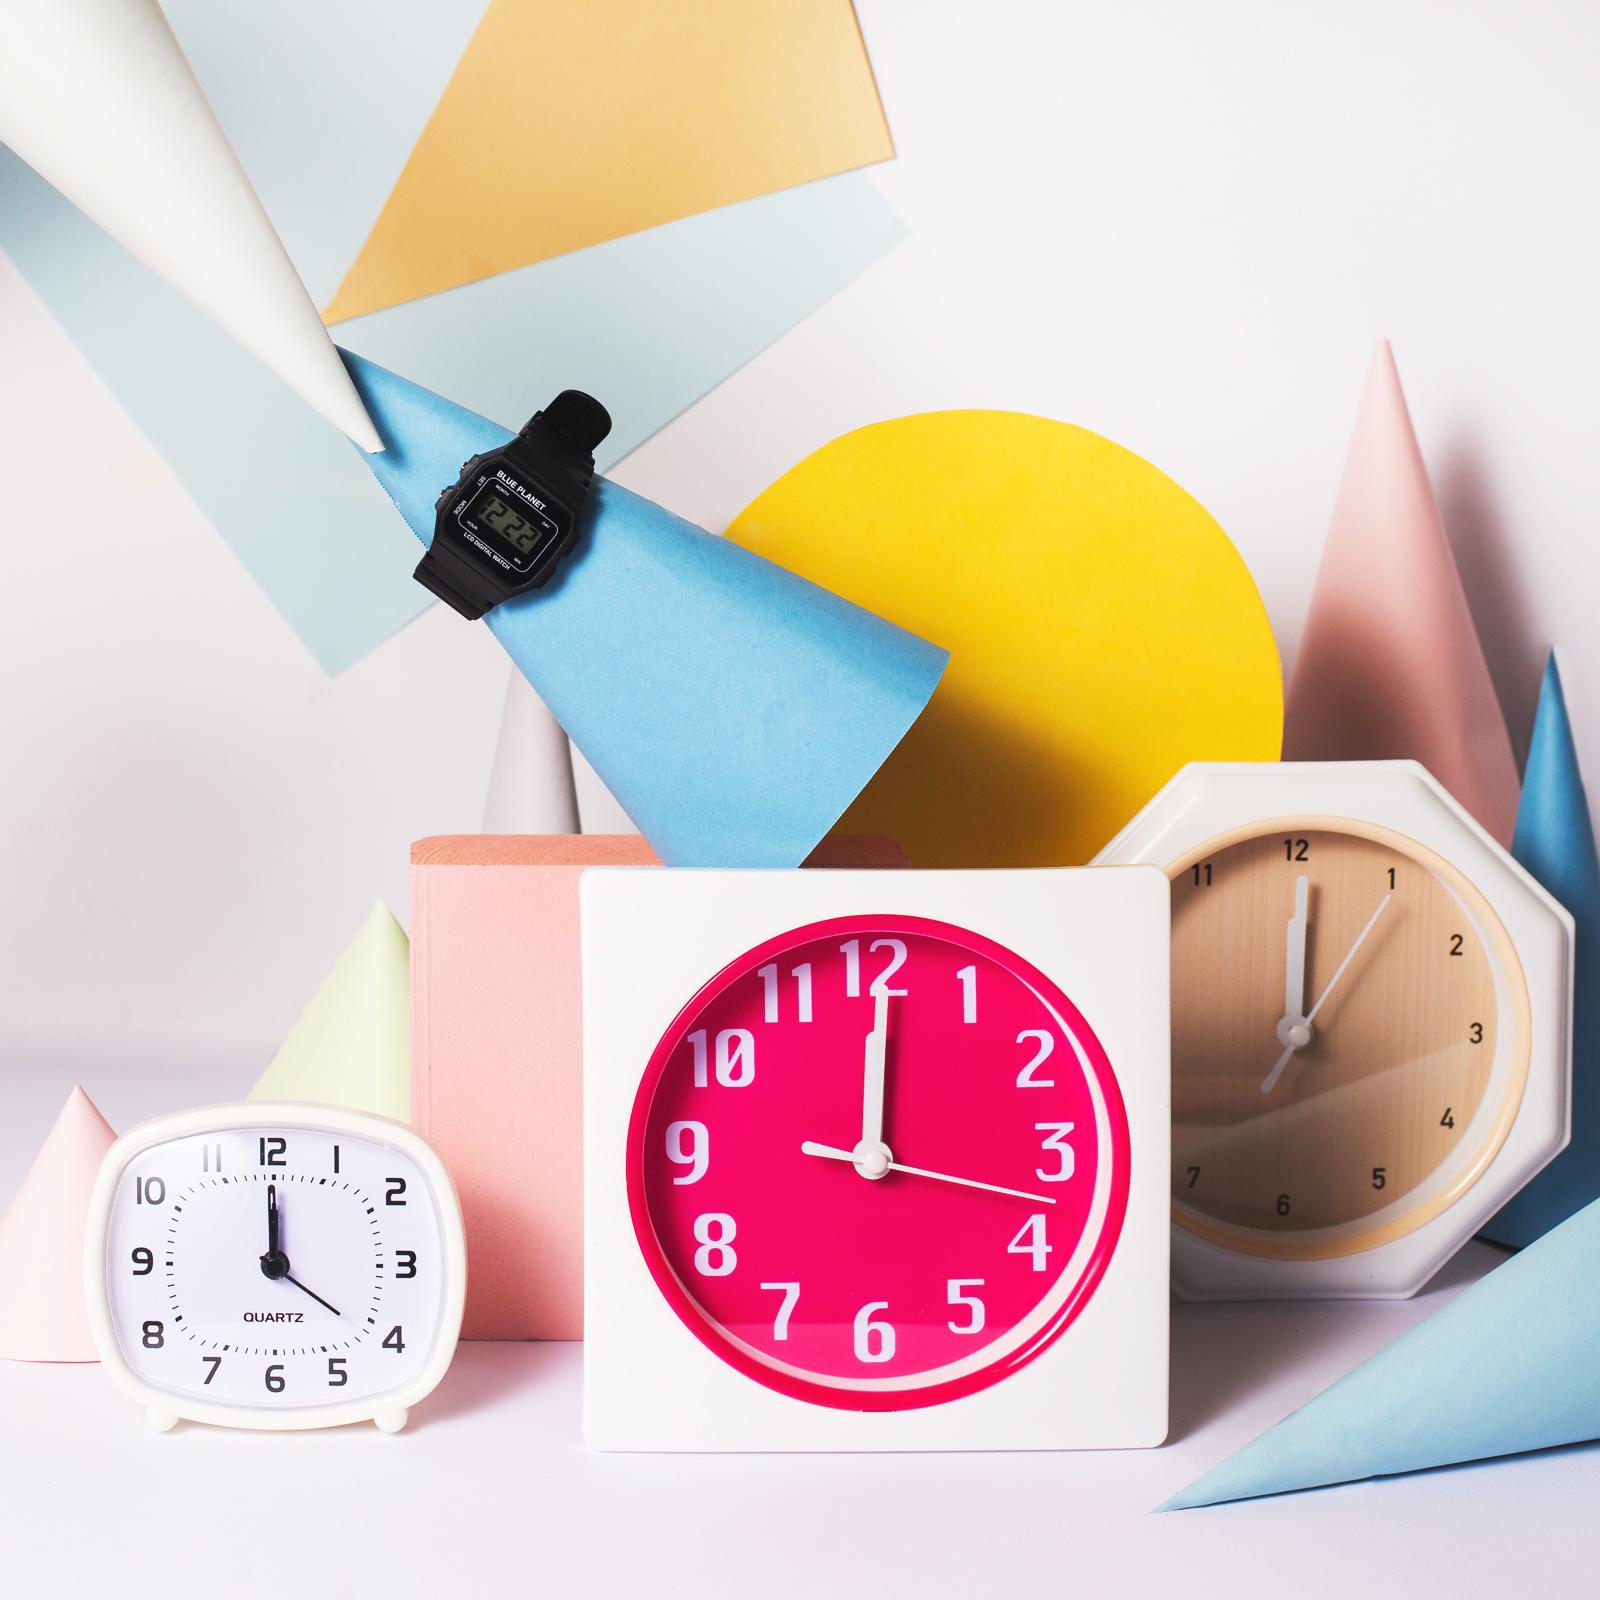 שעונים מעוצבים ברשת דייסו יפן במחיר של 10 שקלים בחד, צילום: deTails